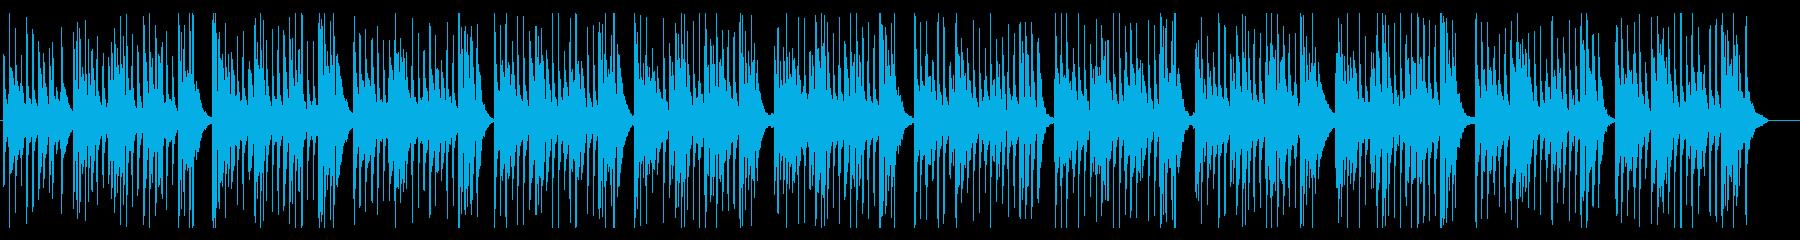 バロック調のウクレレのワルツです。の再生済みの波形